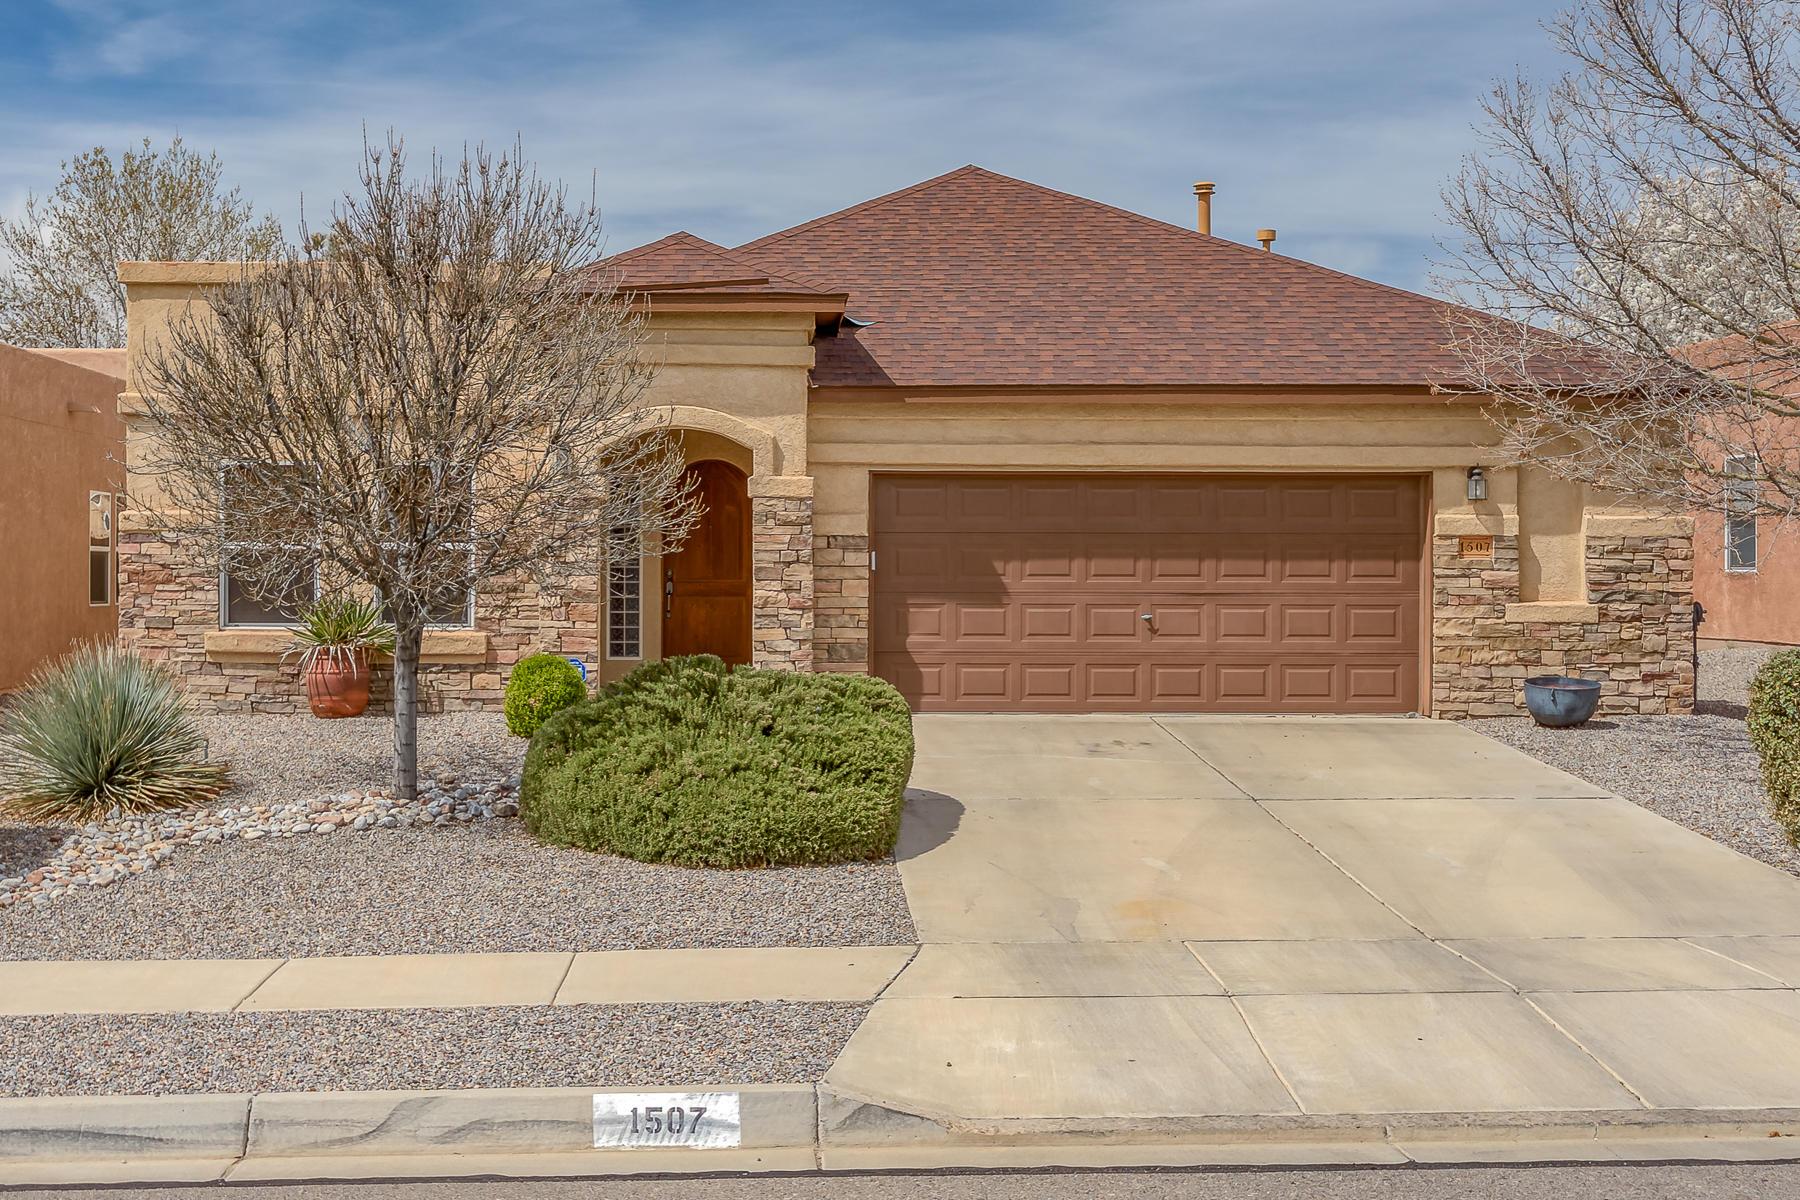 1507 SE Salida Sol Drive, Rio Rancho in Sandoval County, NM 87124 Home for Sale